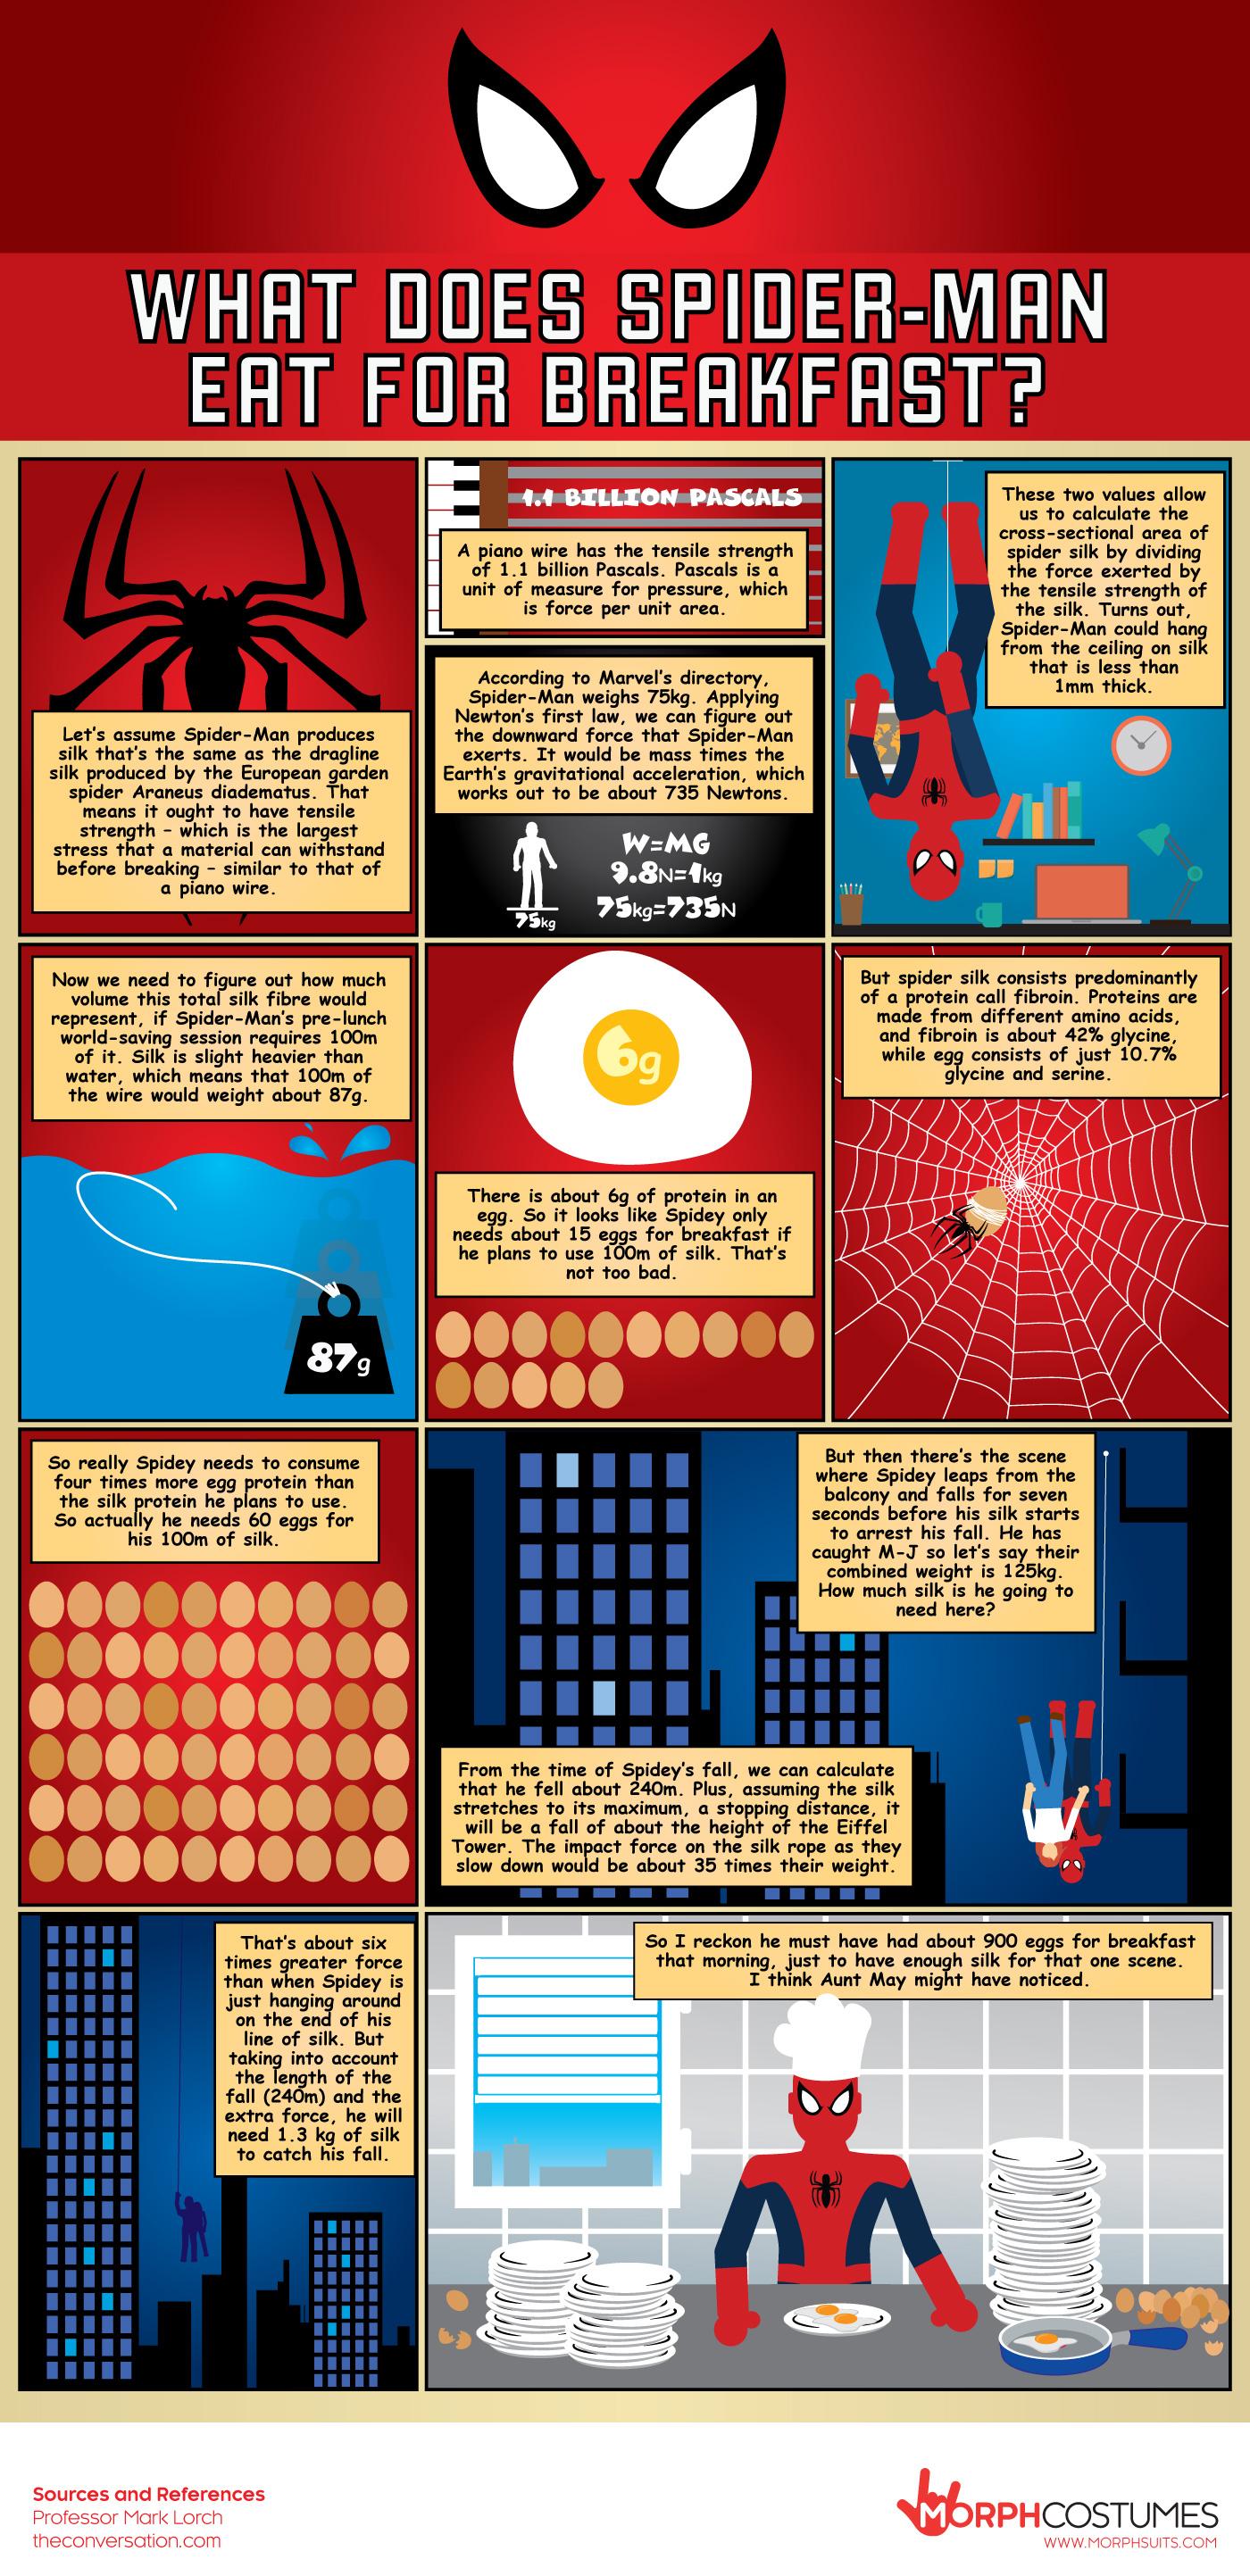 What does spiderman eat for breakfast infographic strange beaver